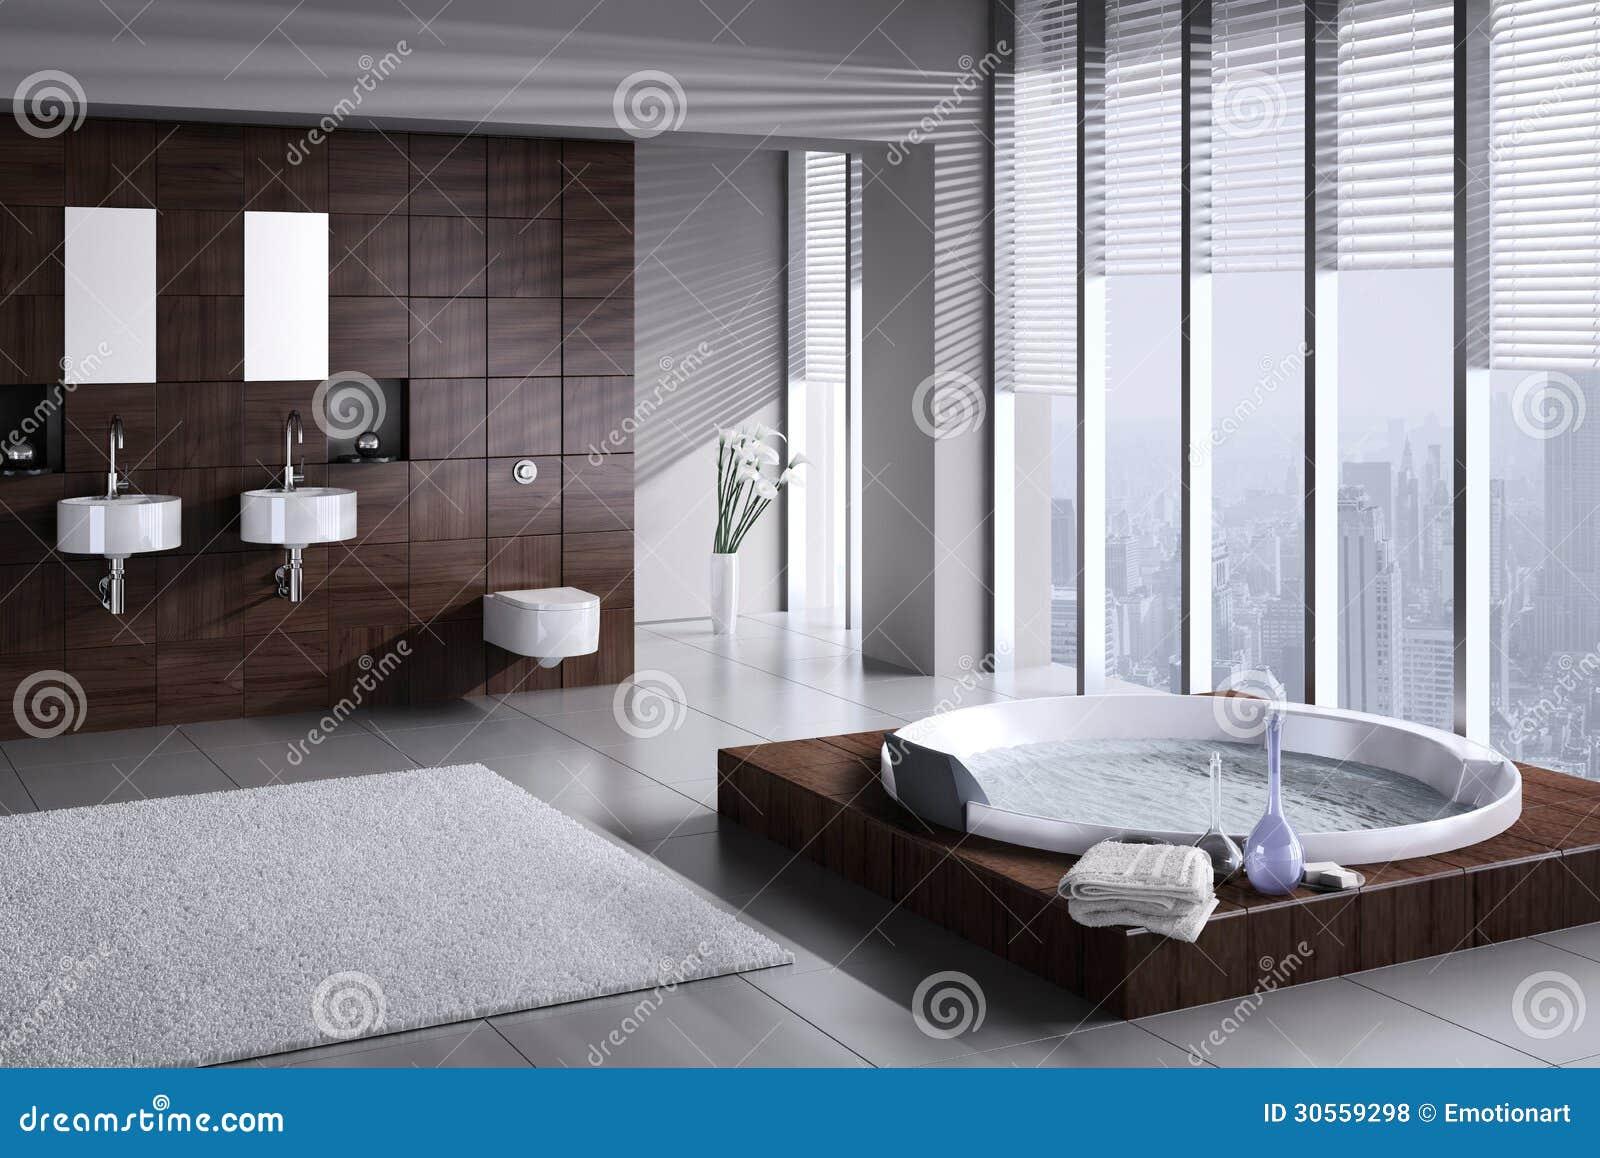 Banheiro moderno com bacia e o jacuzzi dobro fotos de - Fotos de jacuzzi ...